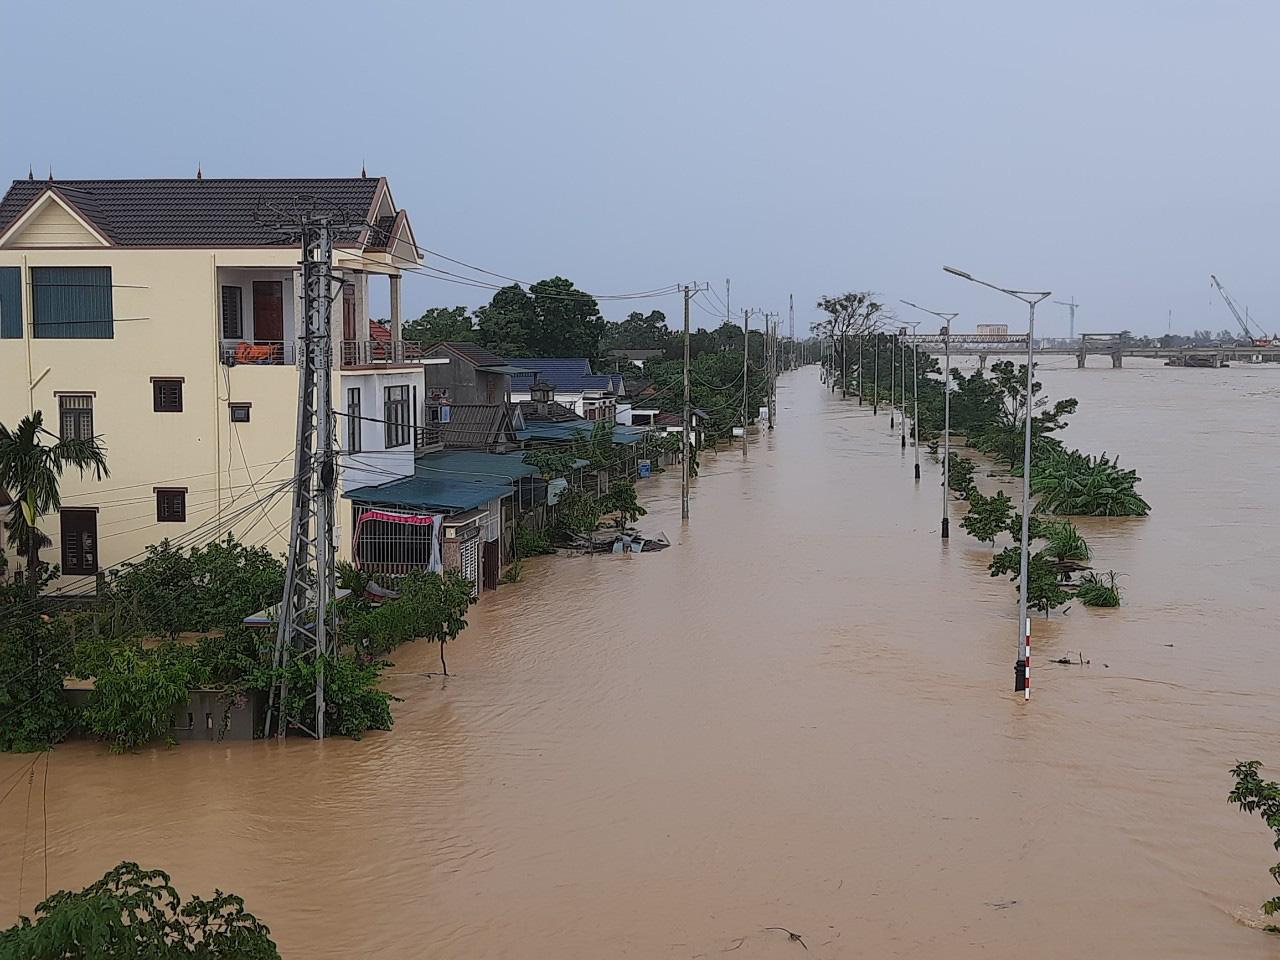 Quảng Trị: 7 người mất tích, 1 người chết, nước lũ đang rút chậm - Ảnh 3.